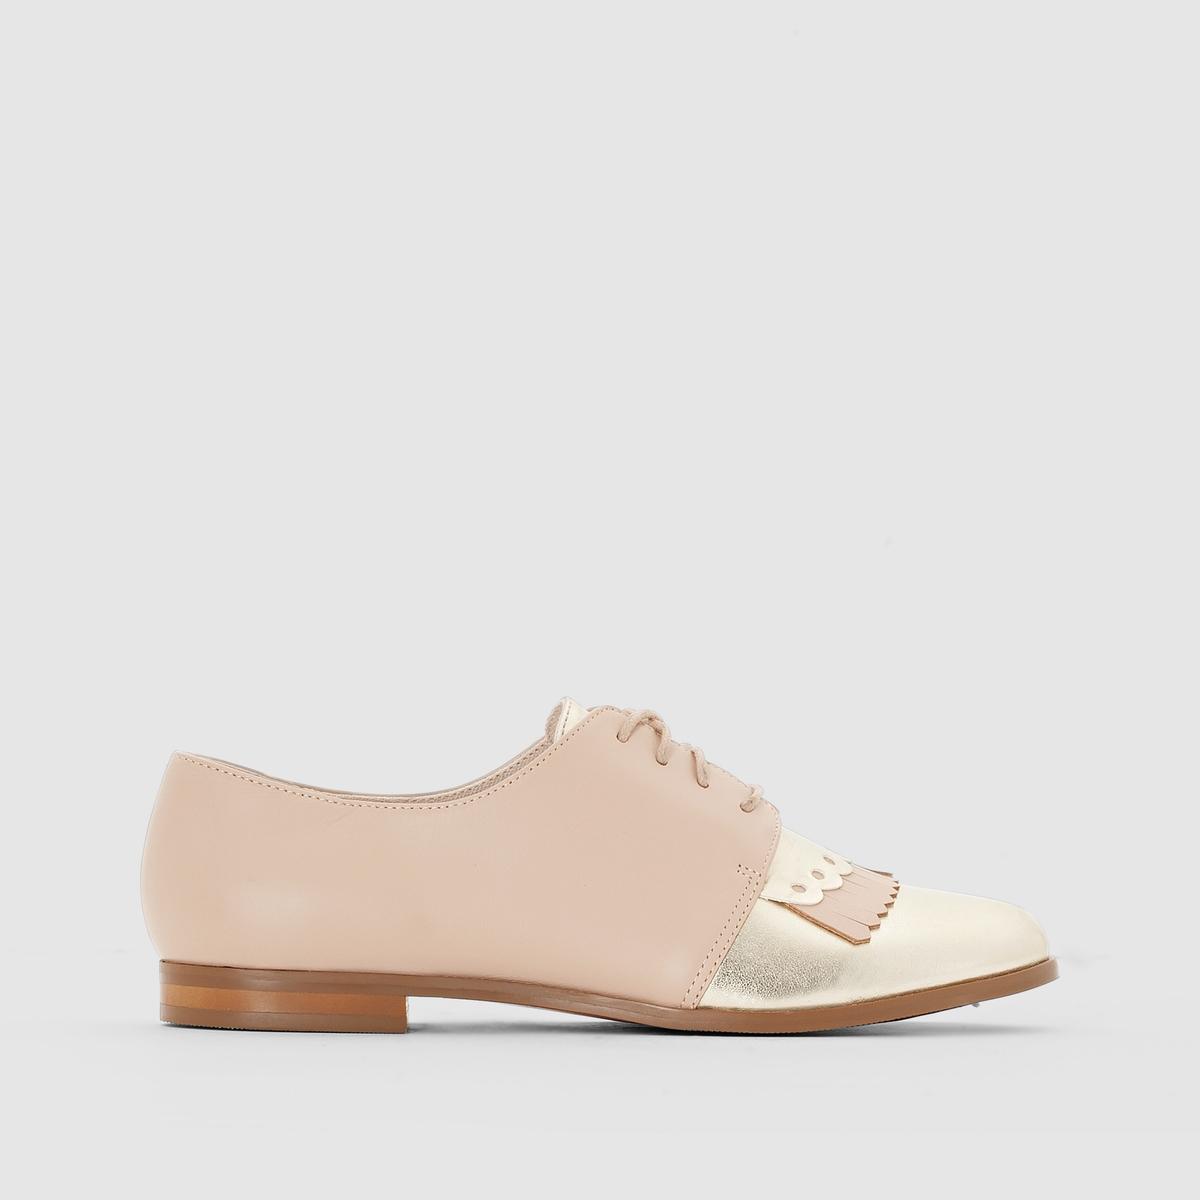 Ботинки-дерби из кожиБотинки-дерби из кожи, MADEMOISELLE RВерх : яловичная кожаПодкладка : кожа.Стелька : текстильПодошва : из эластомераВысота каблука : плоскийЗастежка : шнуровкаМы советуем выбирать обувь на размер больше, чем ваш обычный размер Преимущества : эти двухцветные ботинки-дерби слегка напоминают обувь для игры в гольф, золотистый элемент спереди очень изящно будет смотреться с юбкой или с джинсами.<br><br>Цвет: бежевый<br>Размер: 42